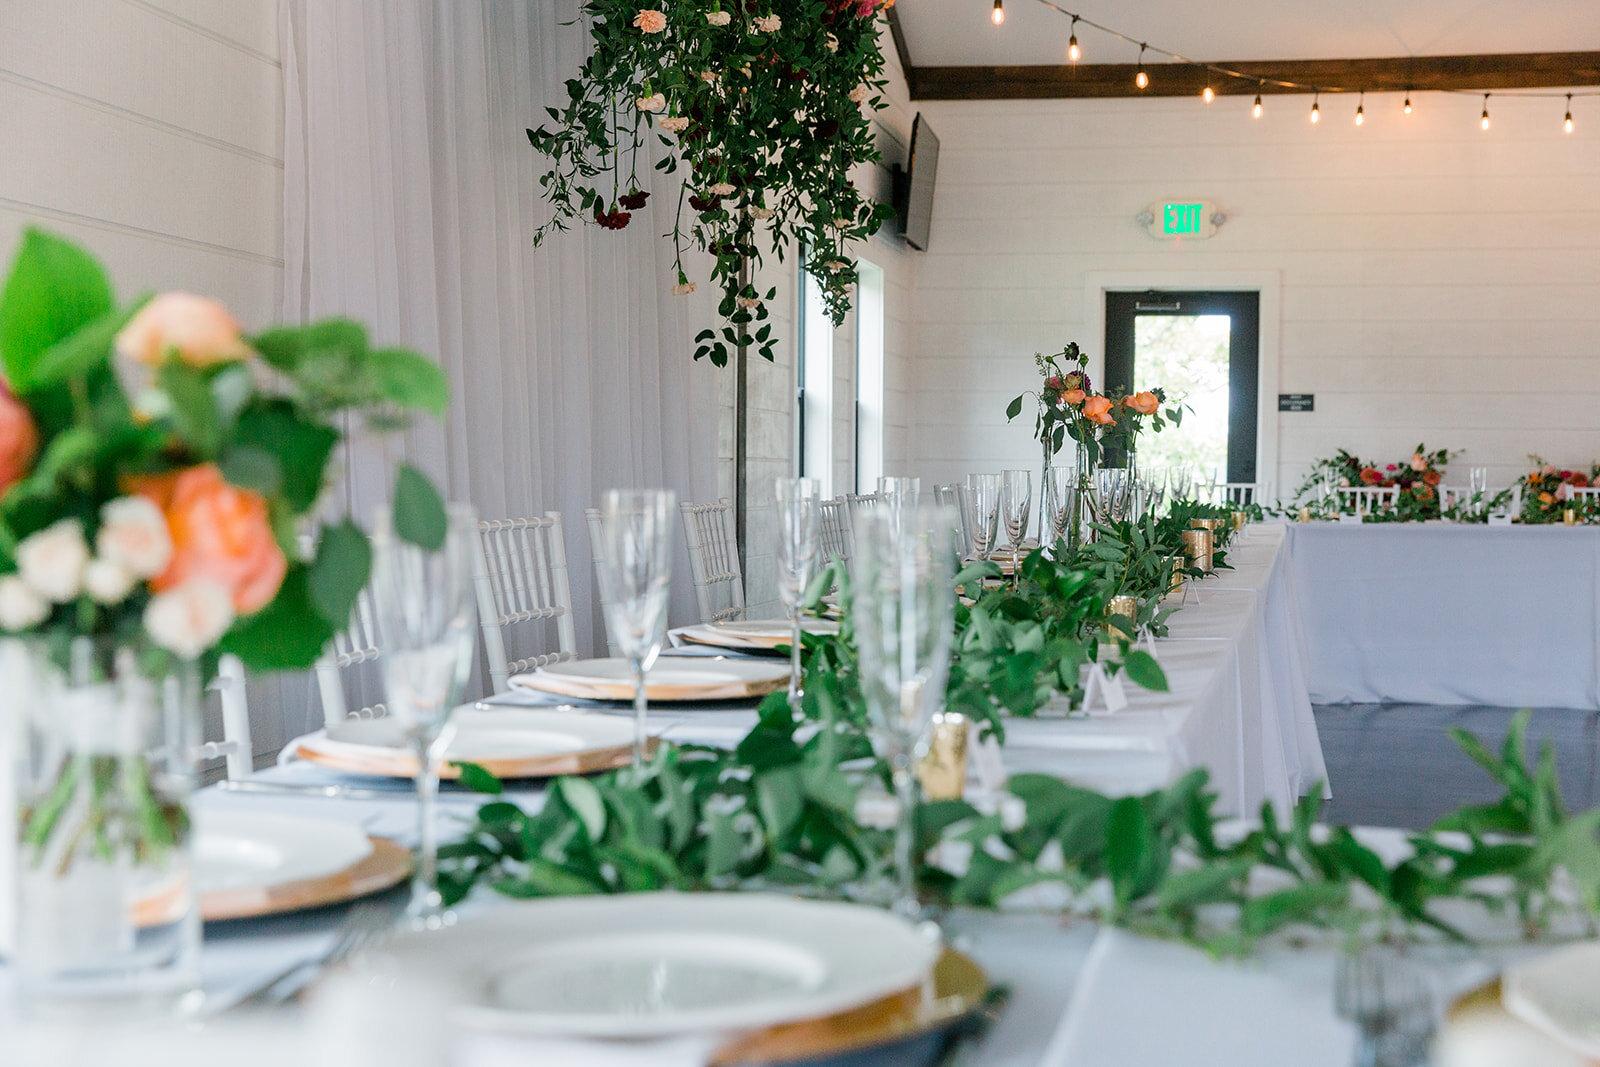 Tulsa Oklahoma Wedding Venues 25.jpg